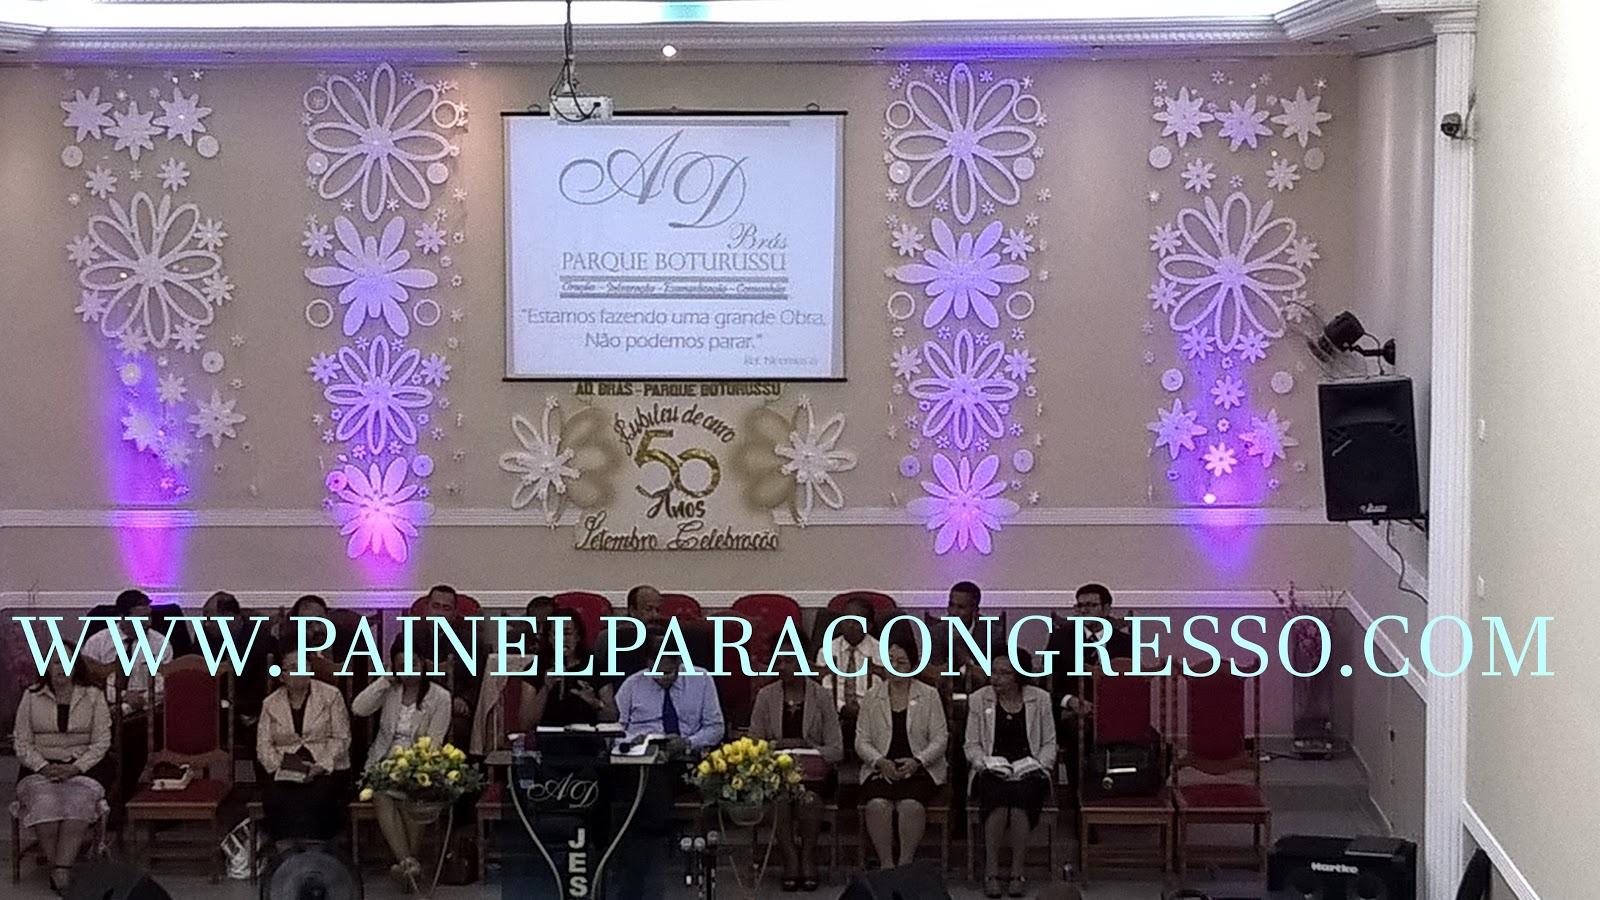 Muitas vezes Como Fazer Mural Para Igreja Evangelica LZ95 Ivango # Como Decorar Igreja Evangelica Para Festividade